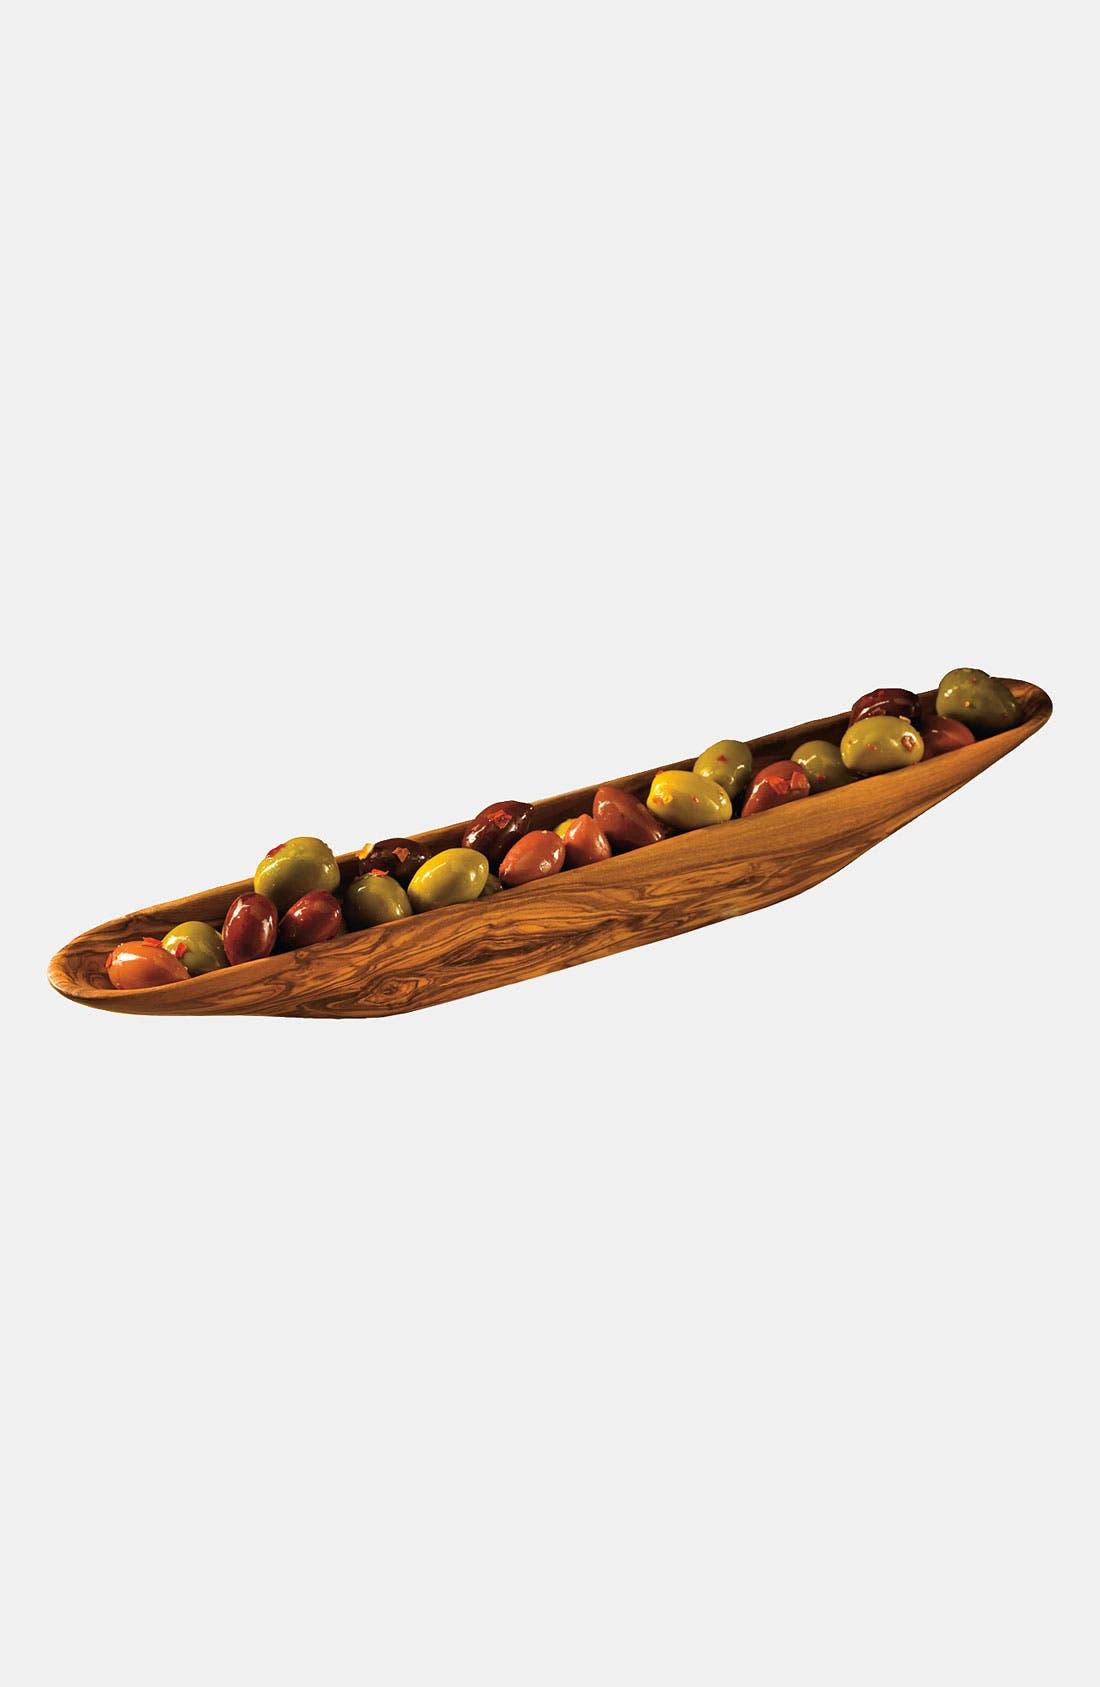 Main Image - Bérard Olive Wood Olive Boat